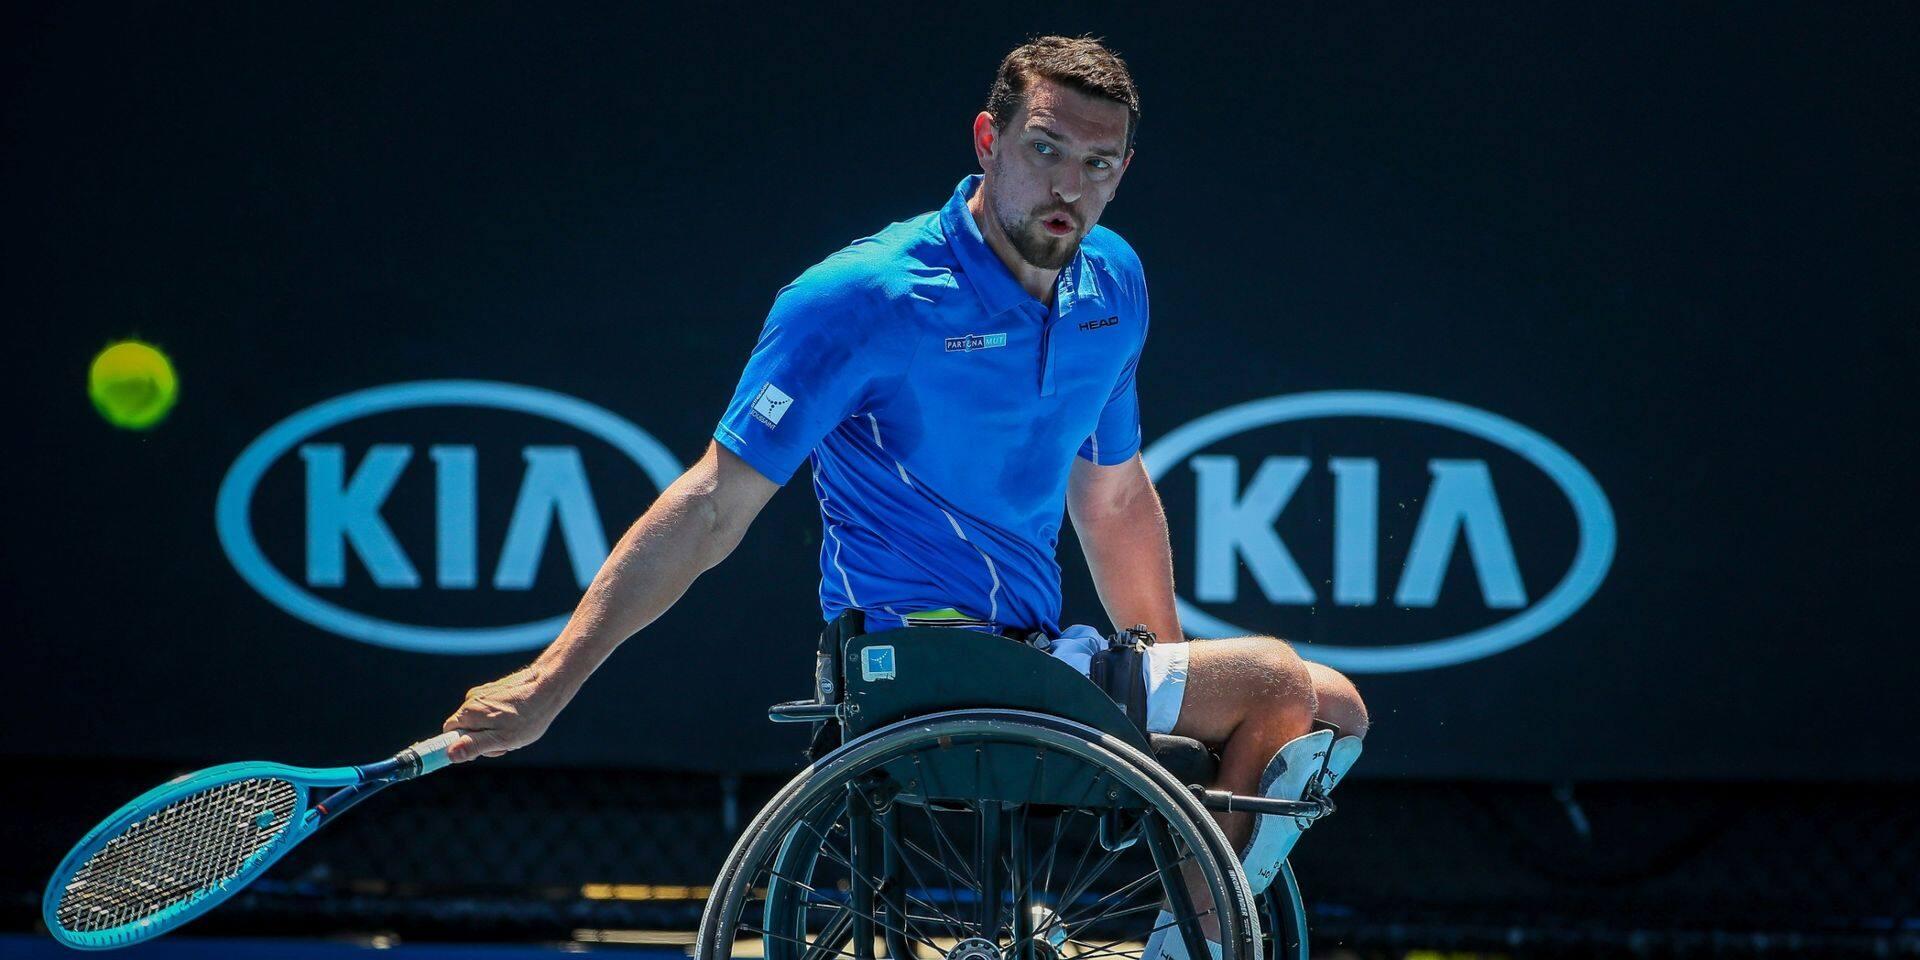 L'Open d'Australie espère pouvoir accueillir le tennis en fauteuil roulant